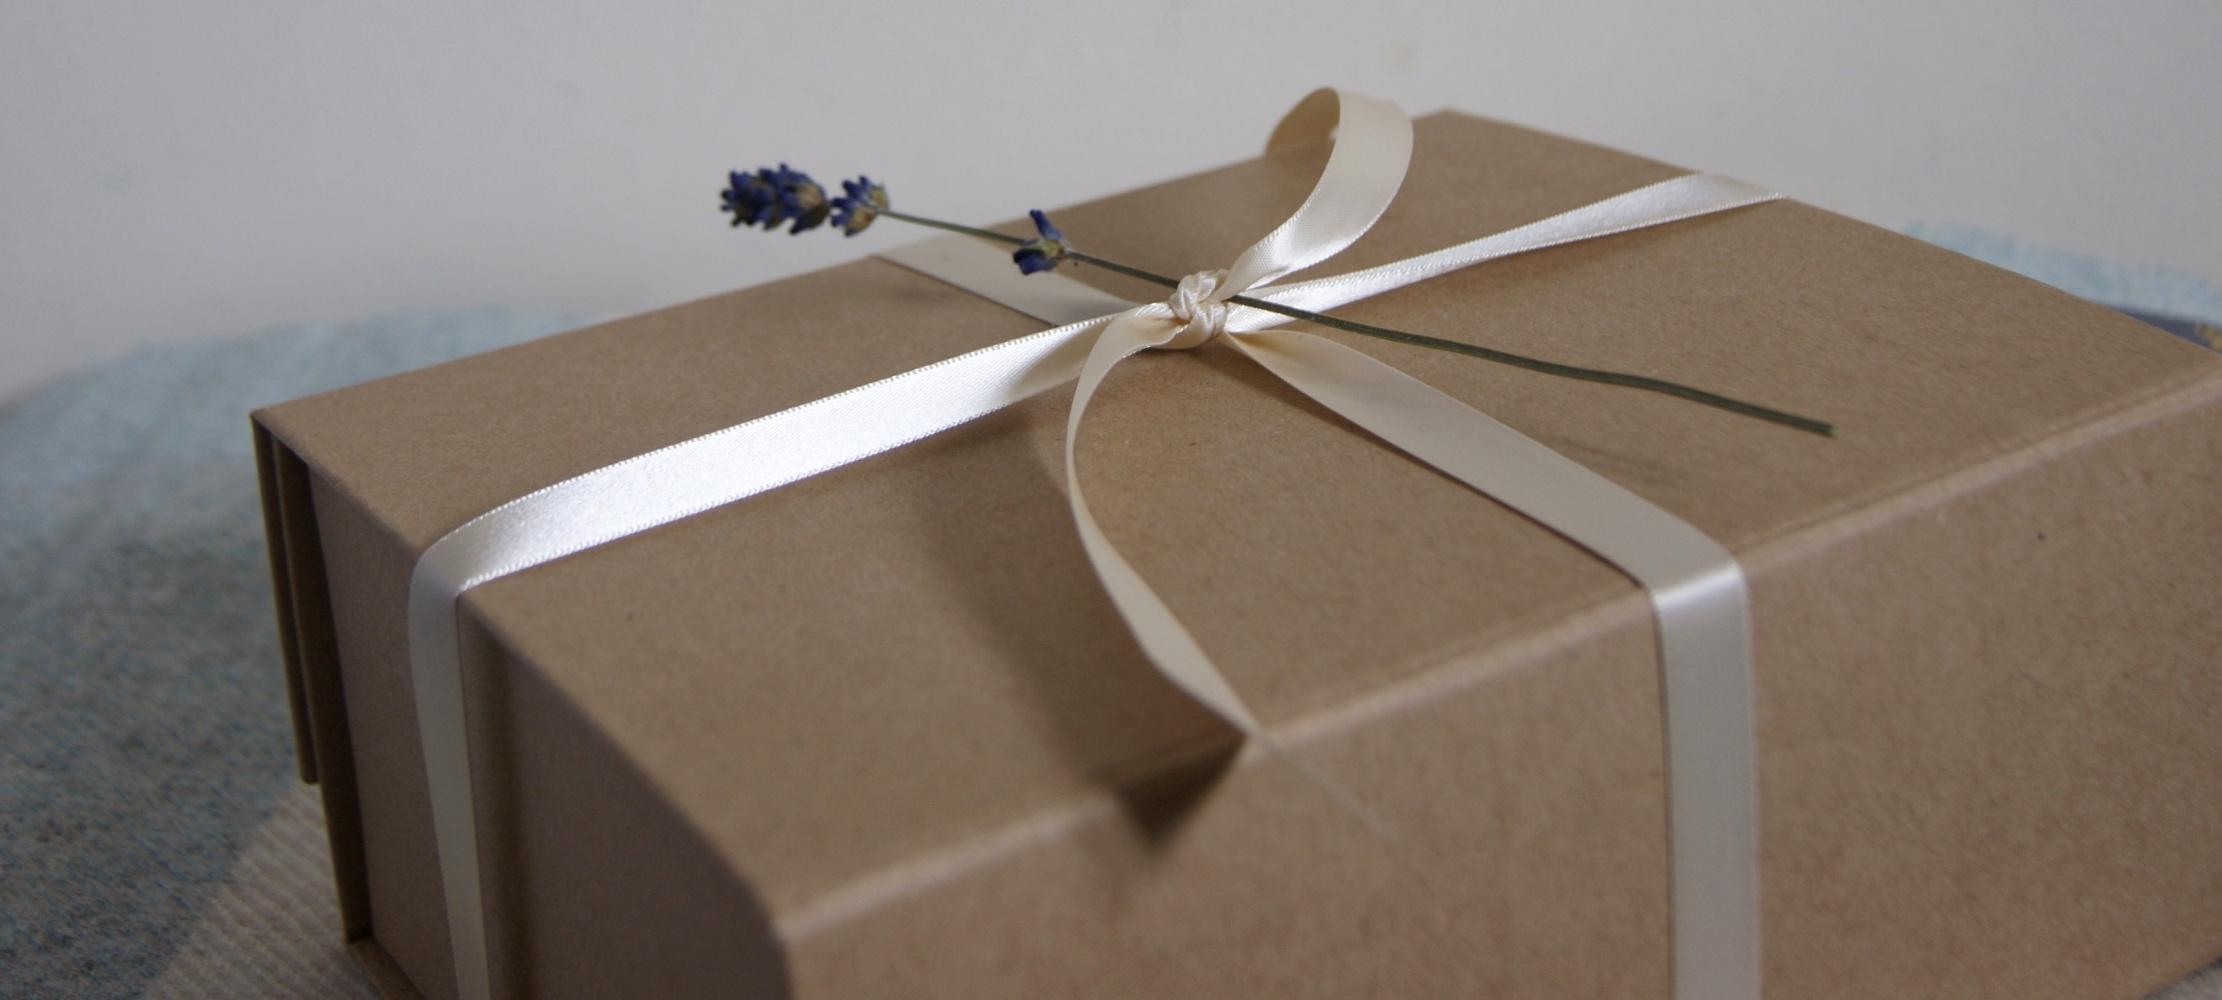 gift wrap aand blanket.jpg